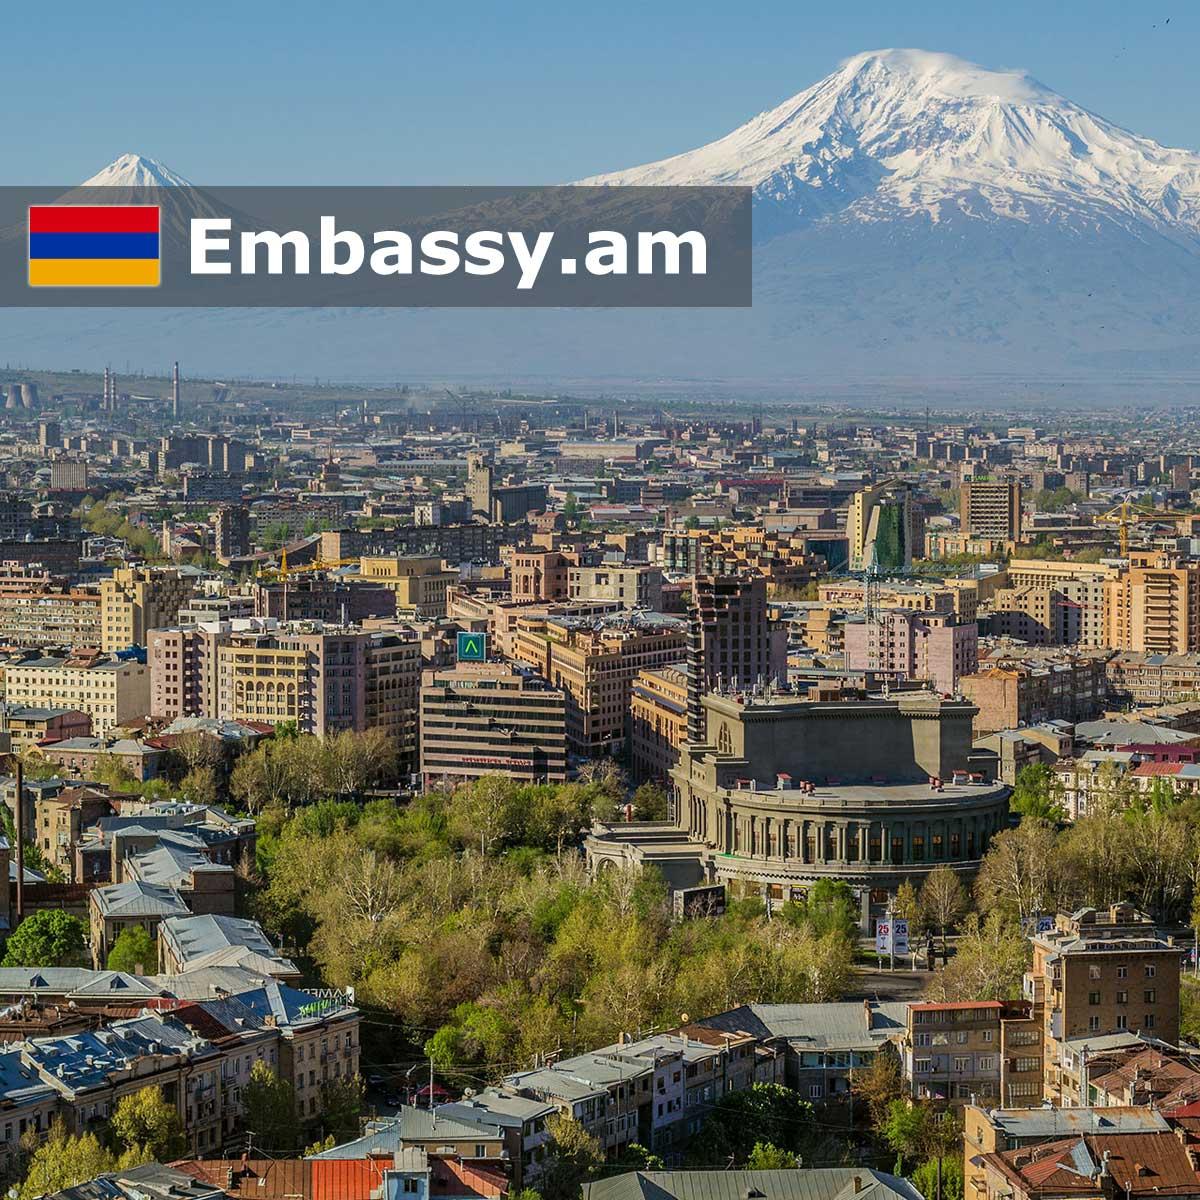 Ереван - Отели в Армении - Embassy.am